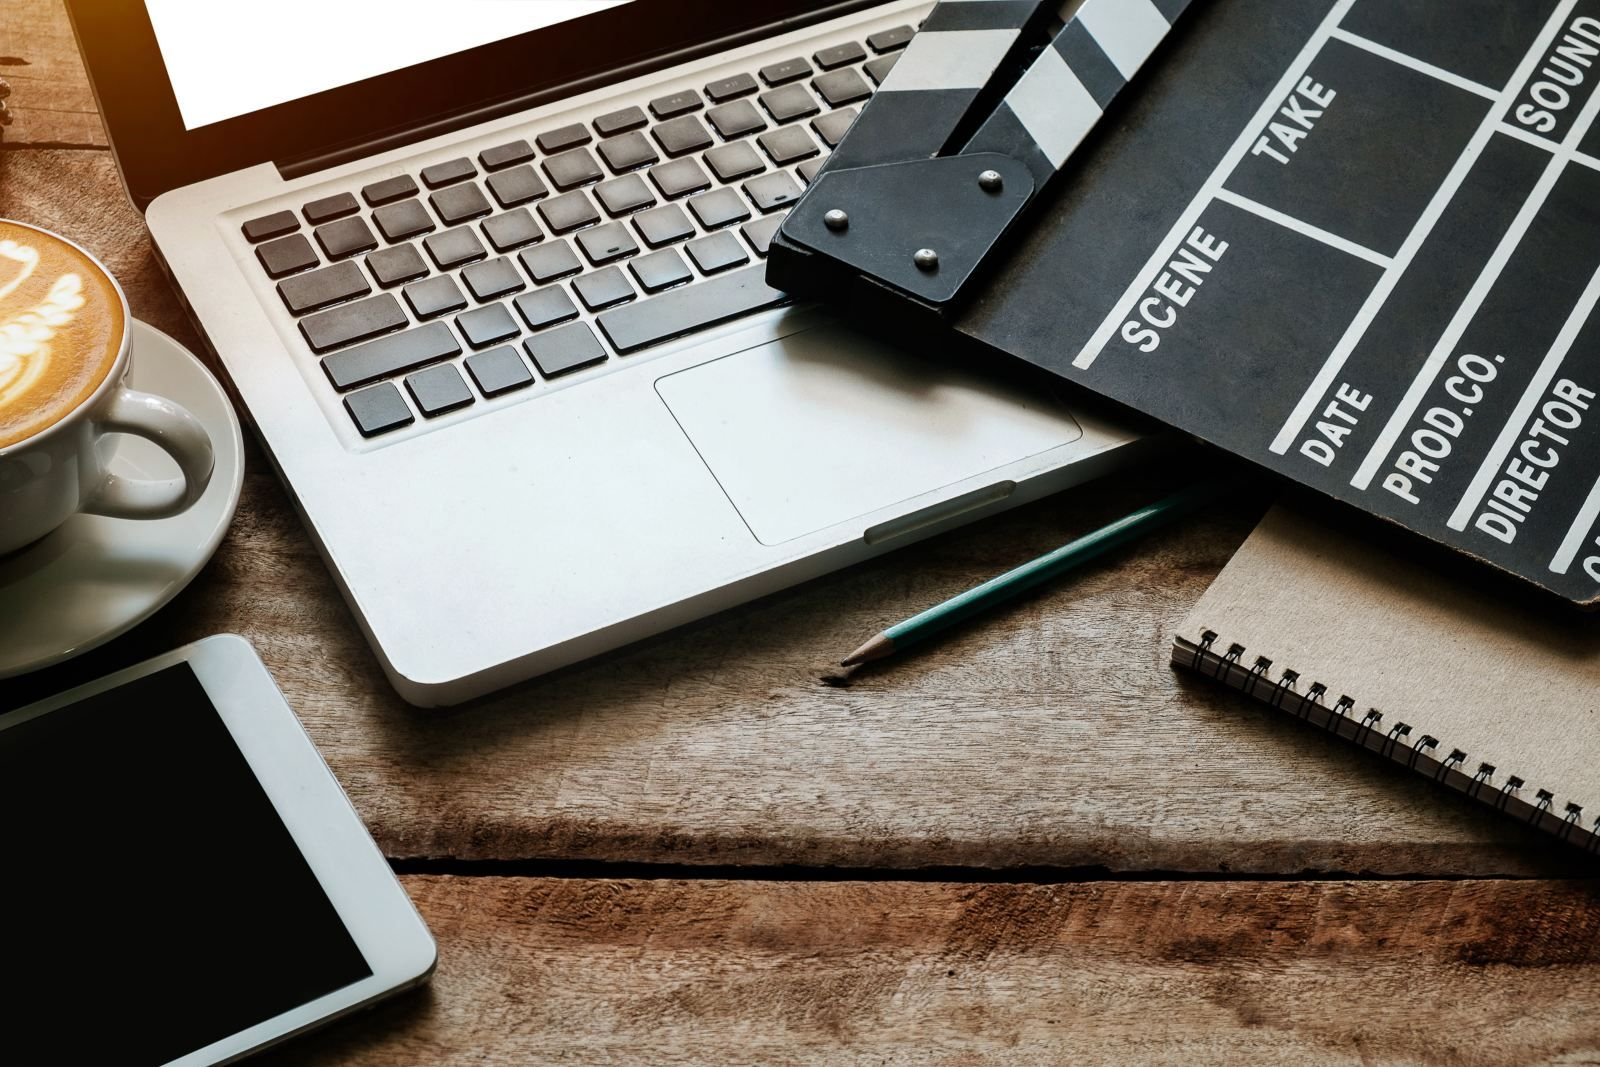 videoandrecruitment_129289011 (1).jpg